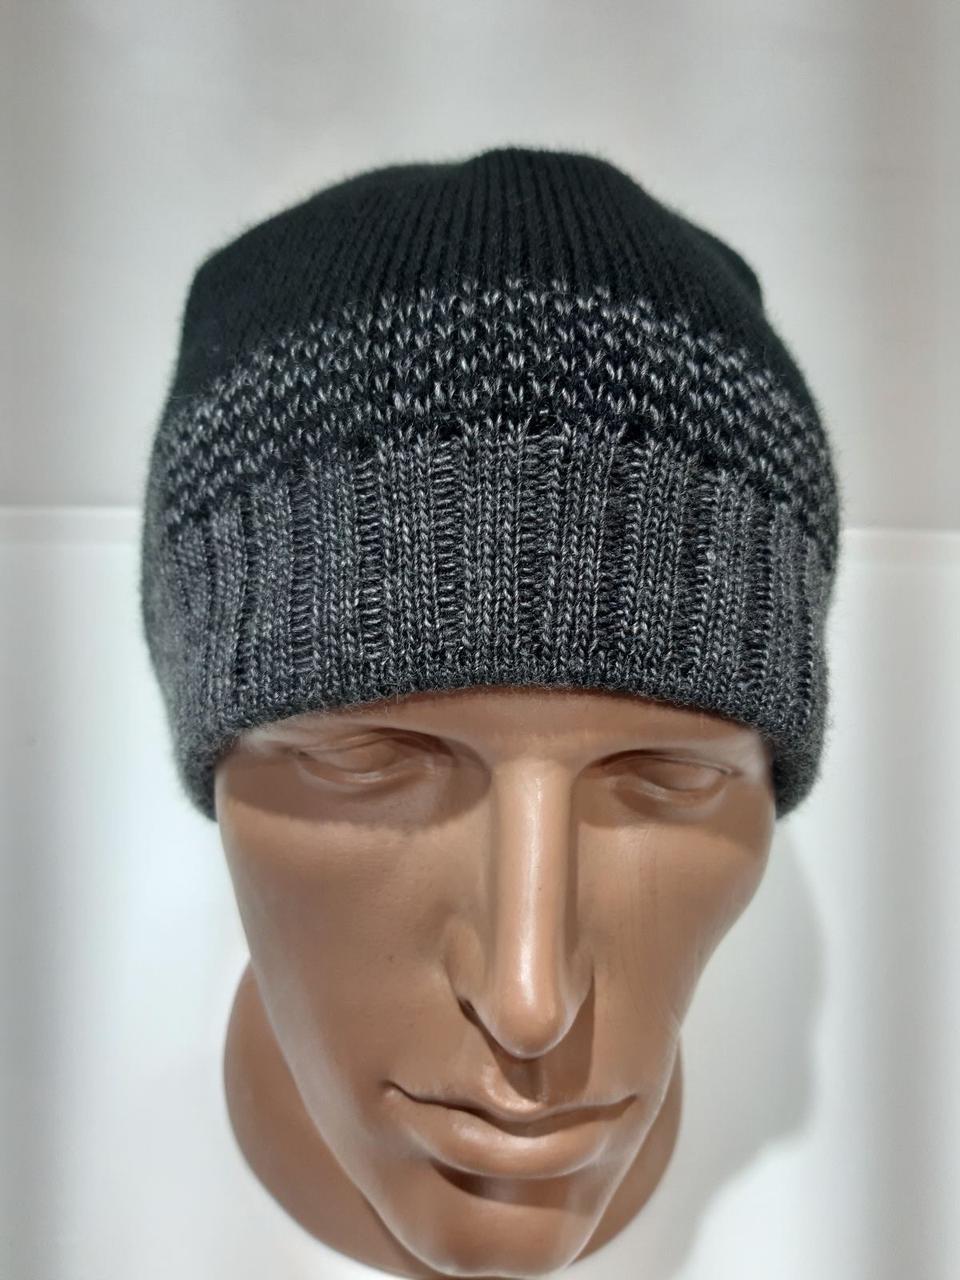 Зимняя мужская шапка на флисе темно-серая